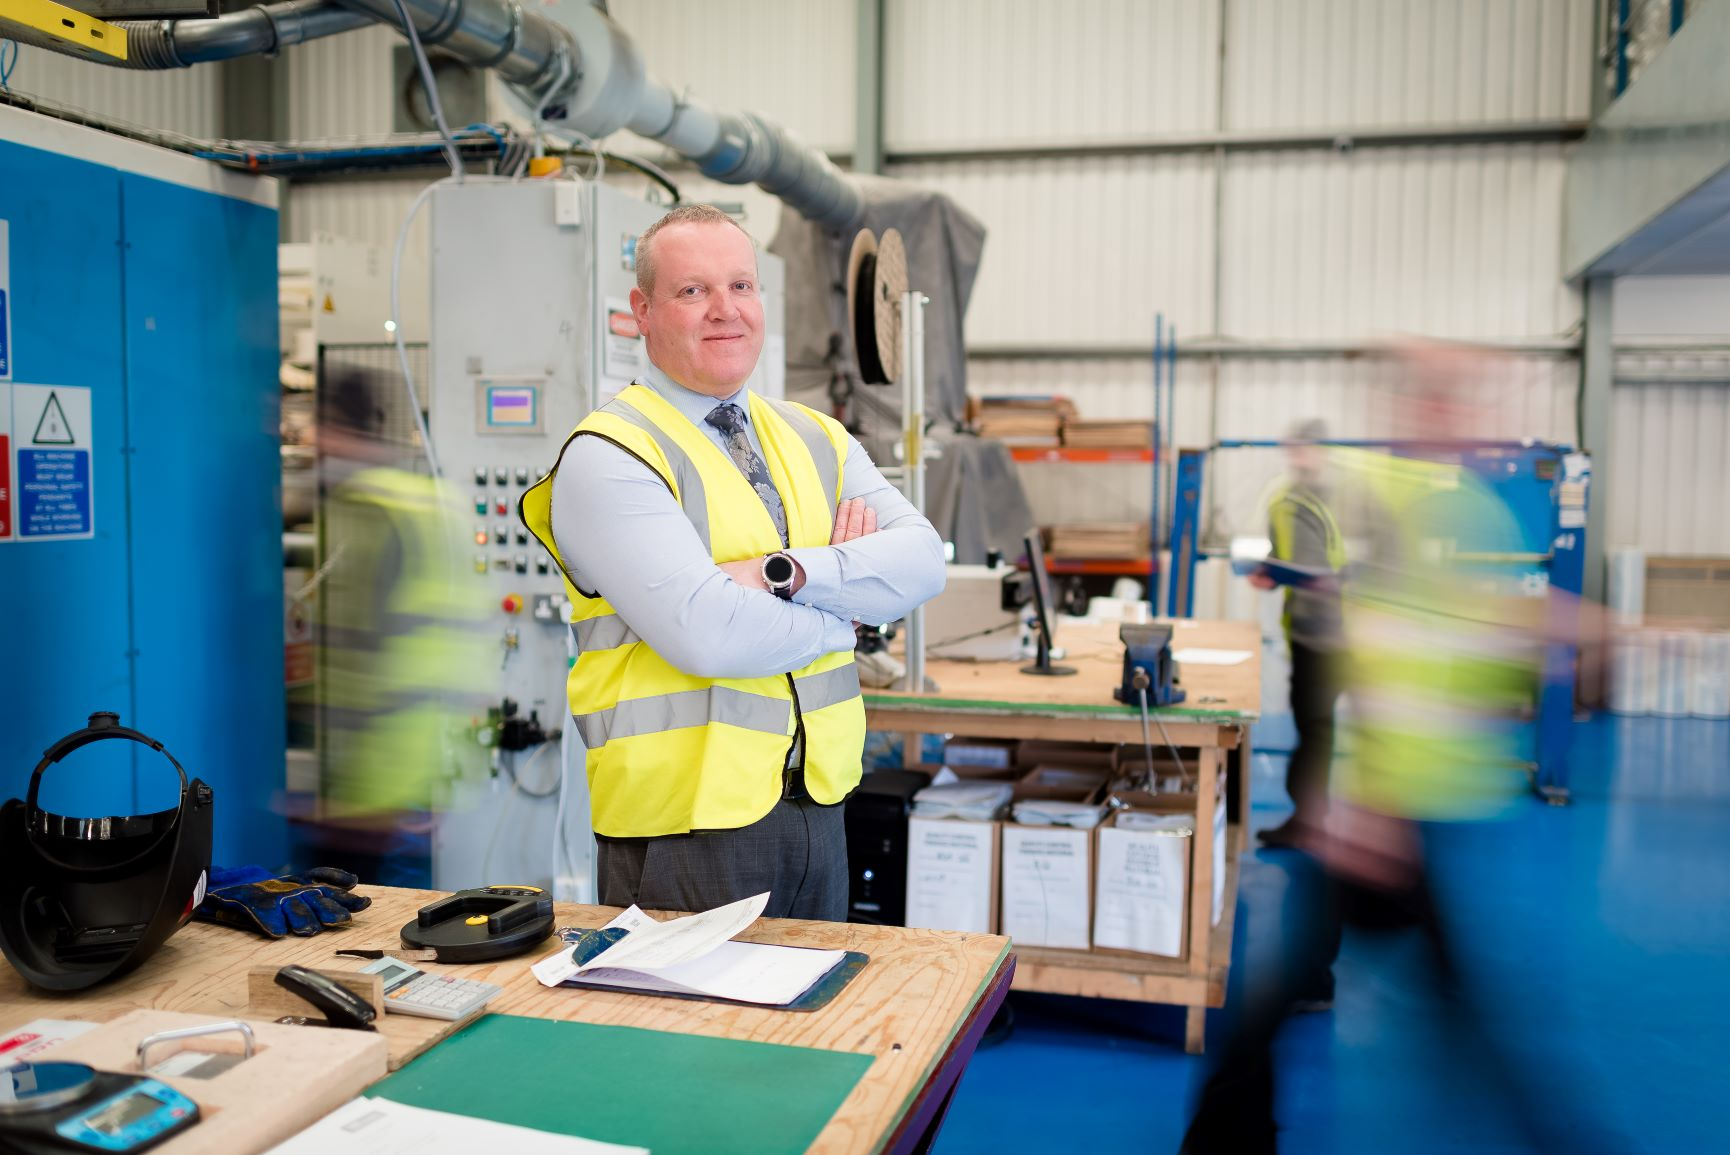 Derbyshire insulation manufacturer lands £250,000 funding package